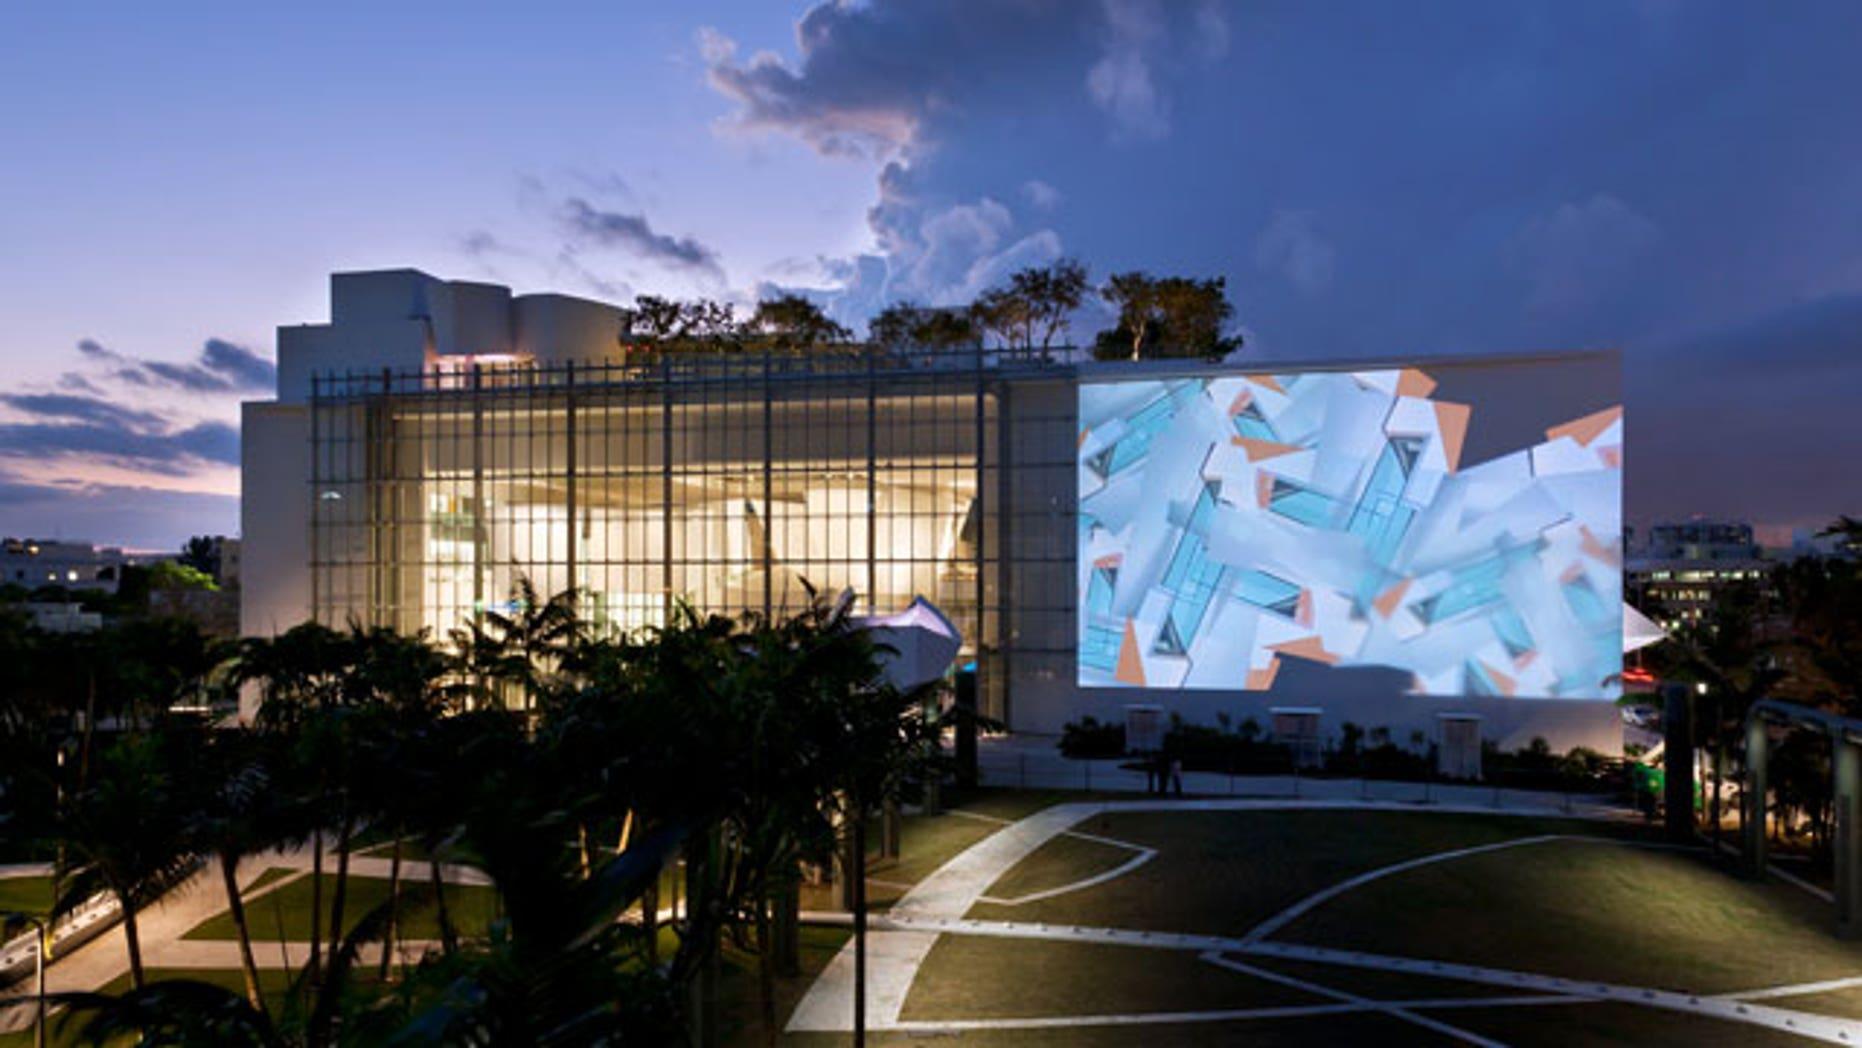 VENUE: New World Center